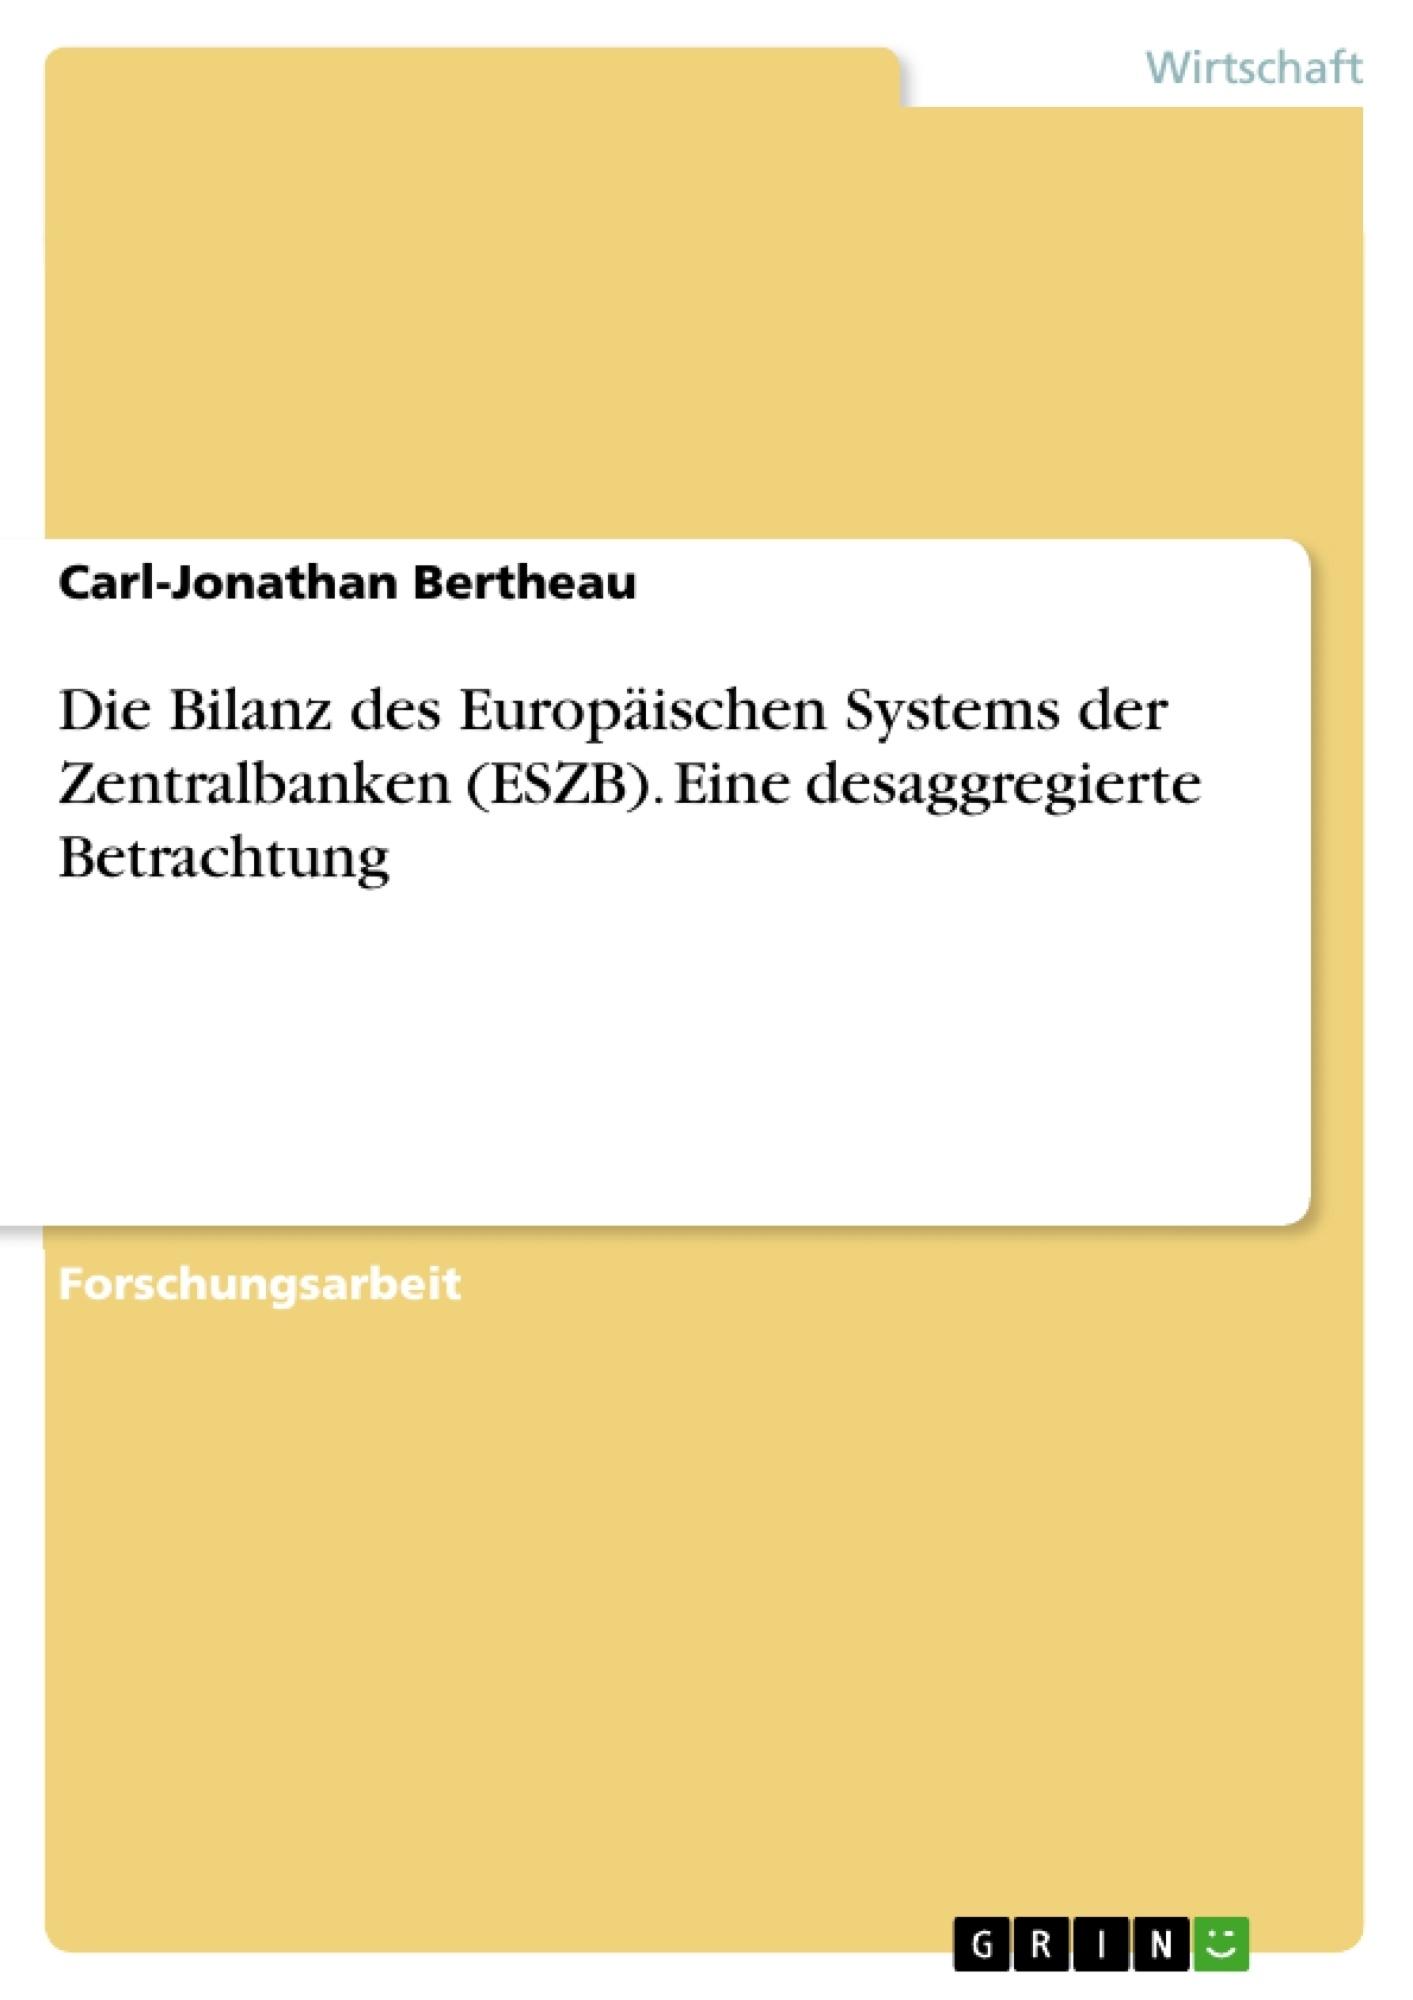 Titel: Die Bilanz des Europäischen Systems der Zentralbanken (ESZB). Eine desaggregierte Betrachtung